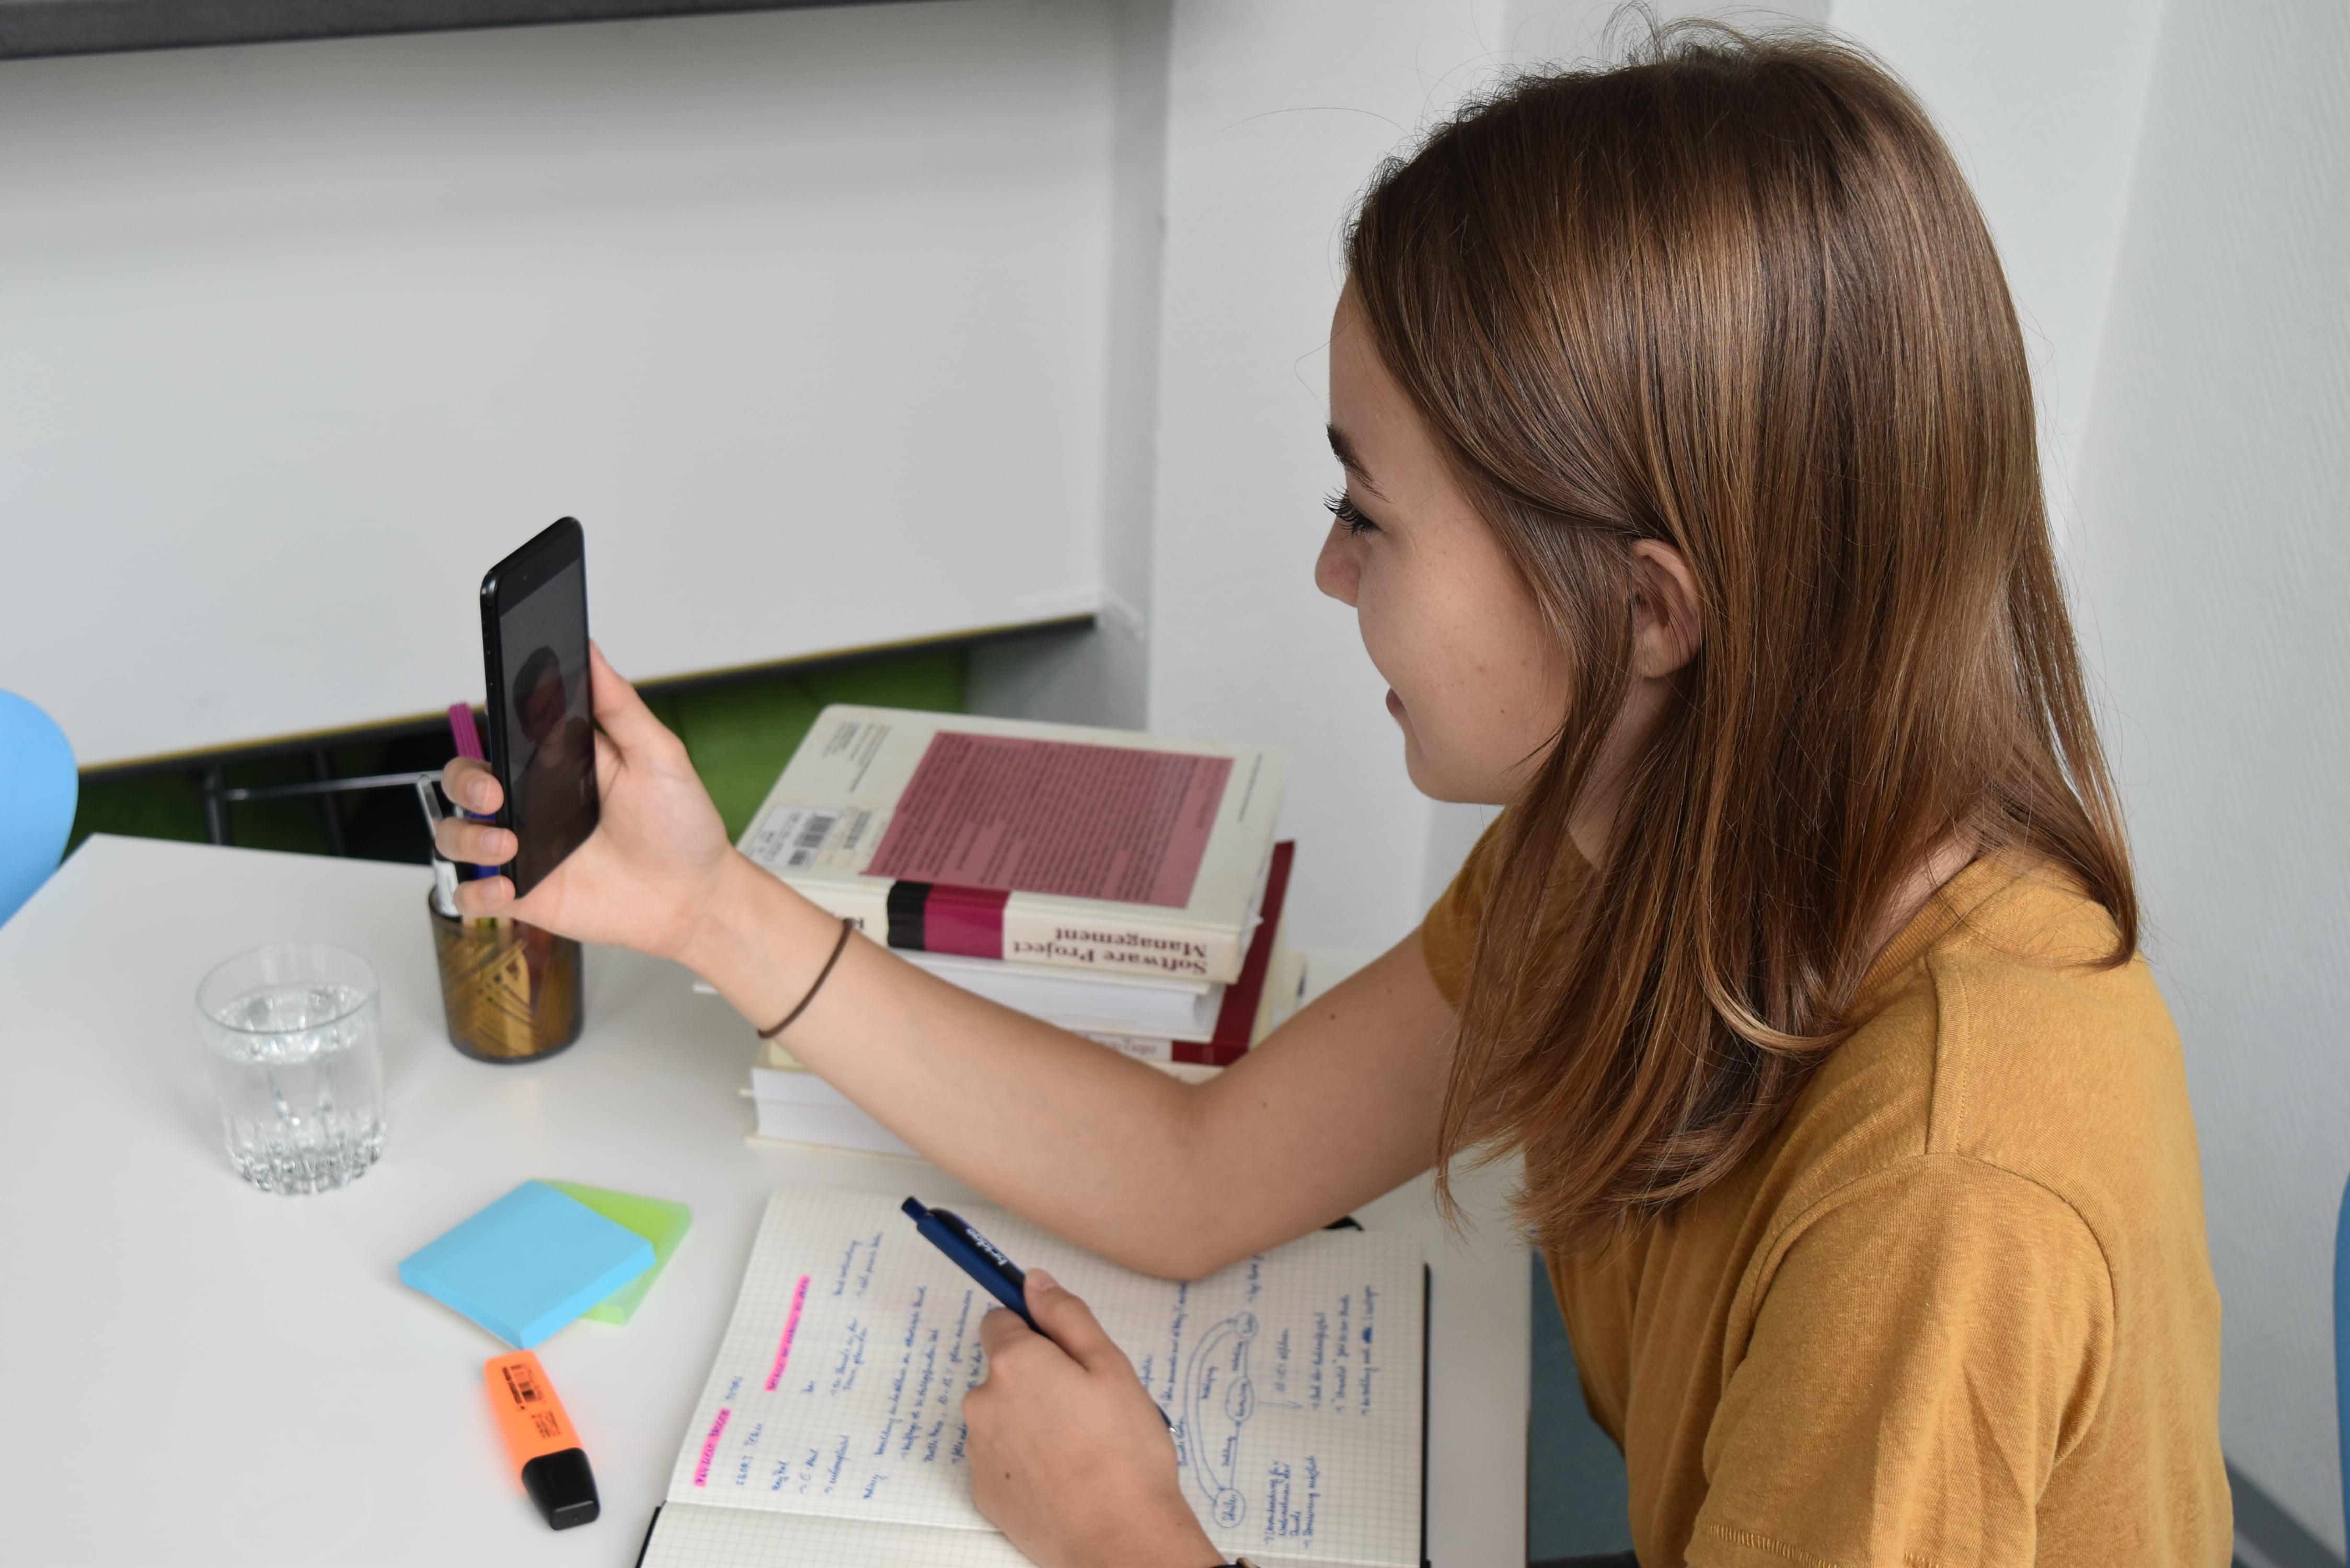 Mädchen spricht mit Nachhilfeleher*in über das Smartphone